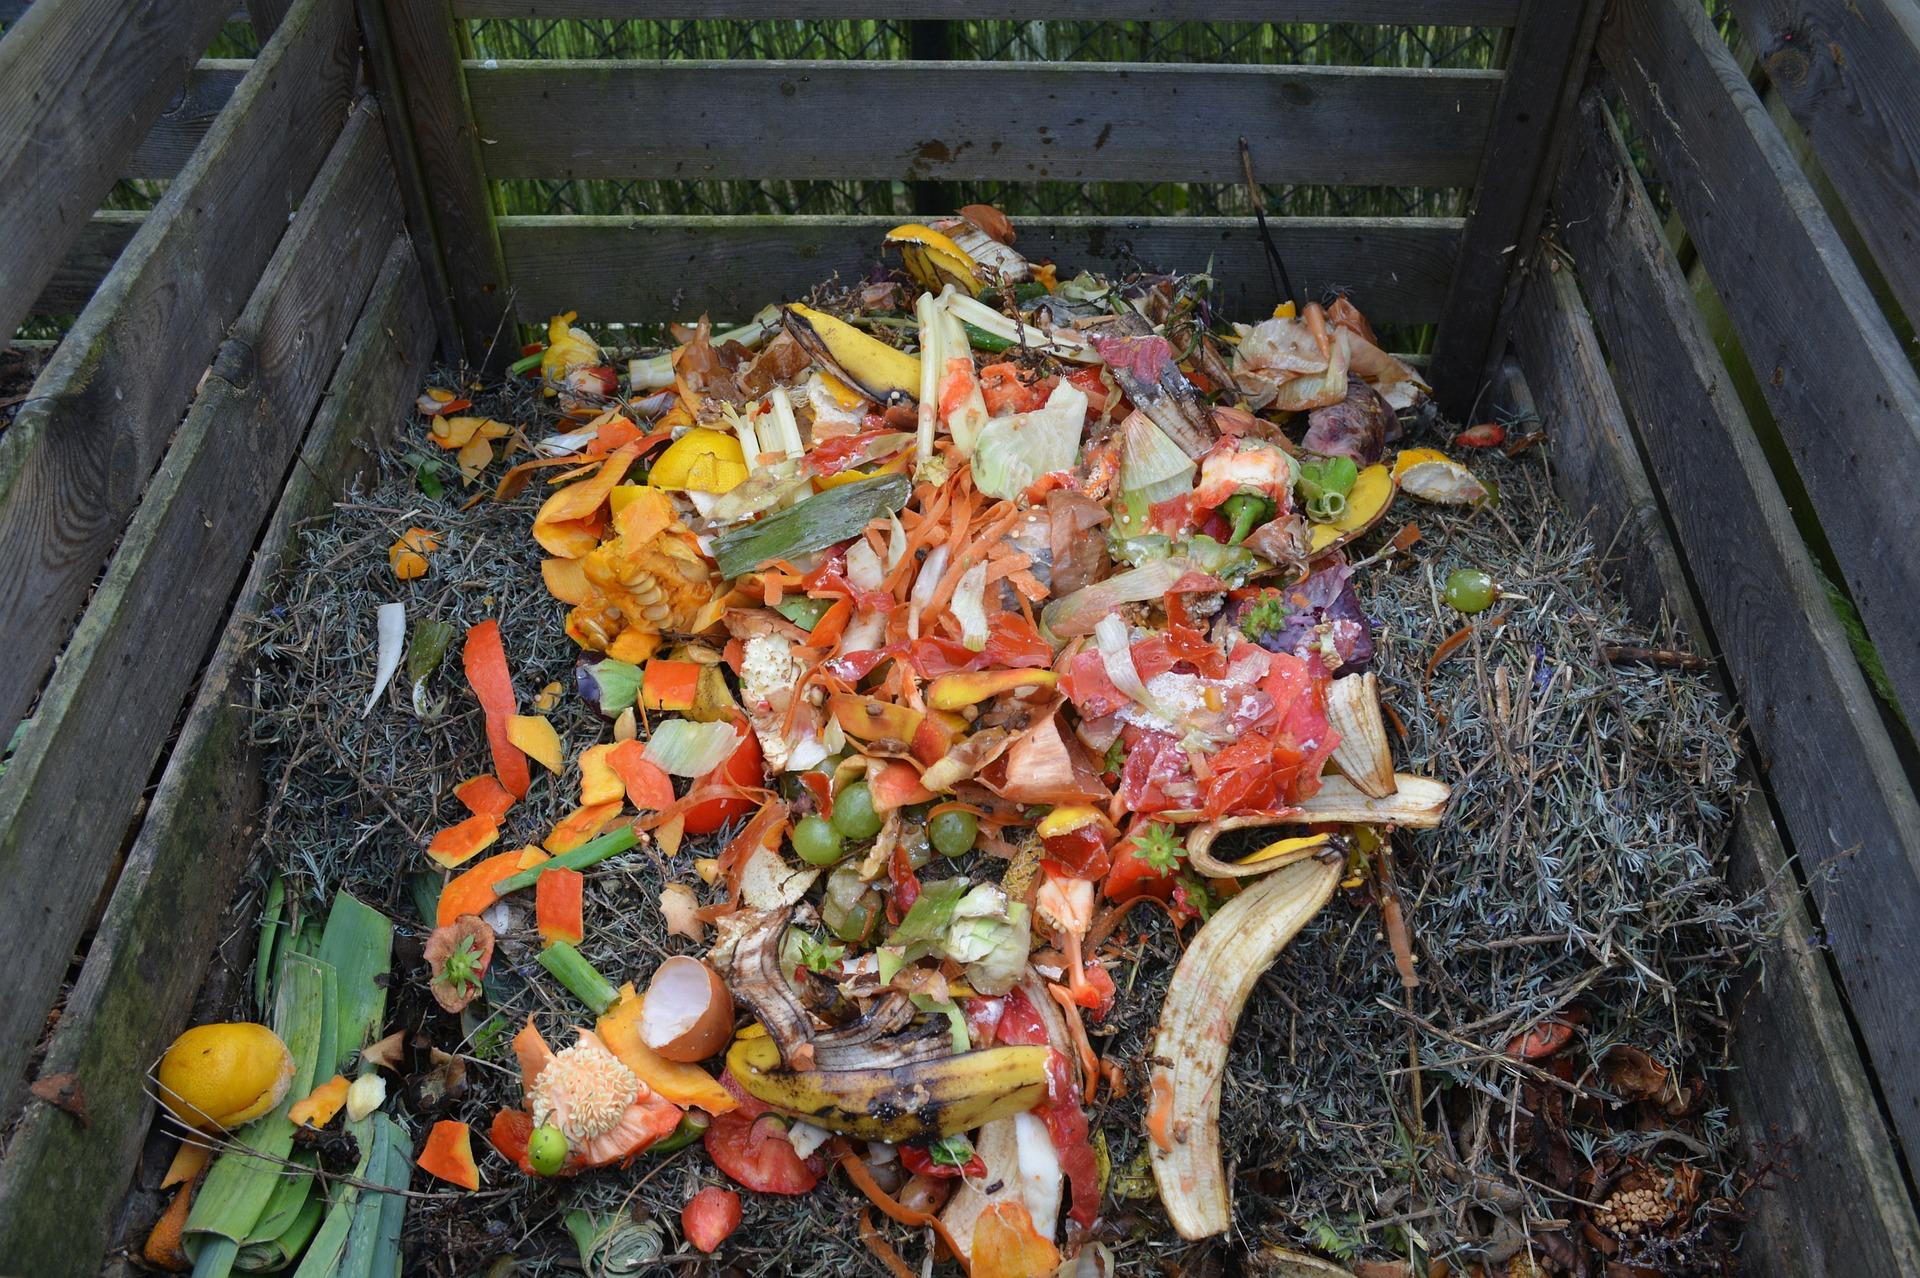 Imagem vista de cima de uma grande caixa de madeira. Material semelhante como serragem cobre toda a parte inferior da caixa, e em cima desse material está uma grande quantidade de restos orgânicos, como cascas de frutas e ovo.